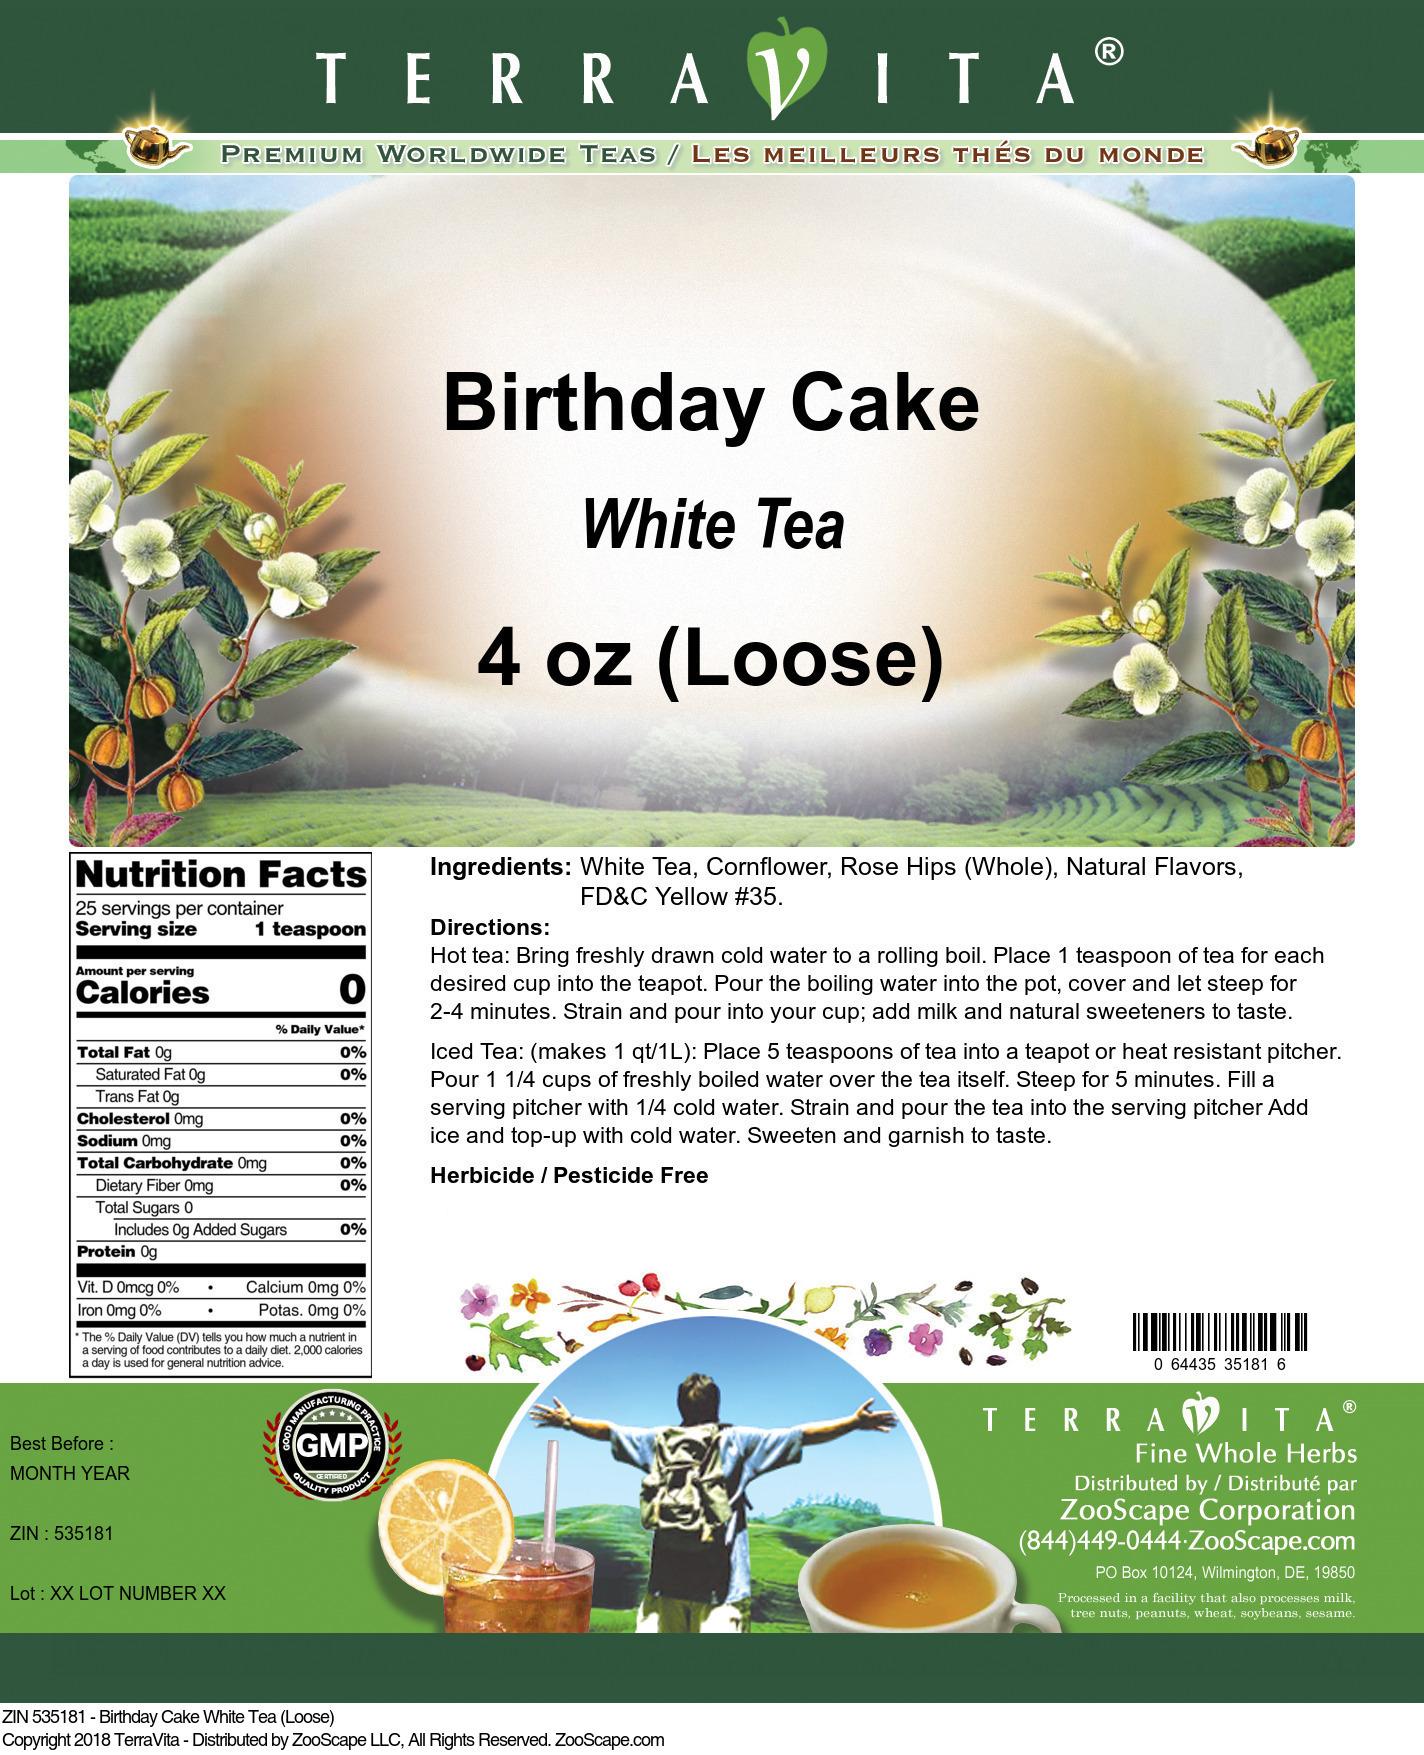 Birthday Cake White Tea (Loose)